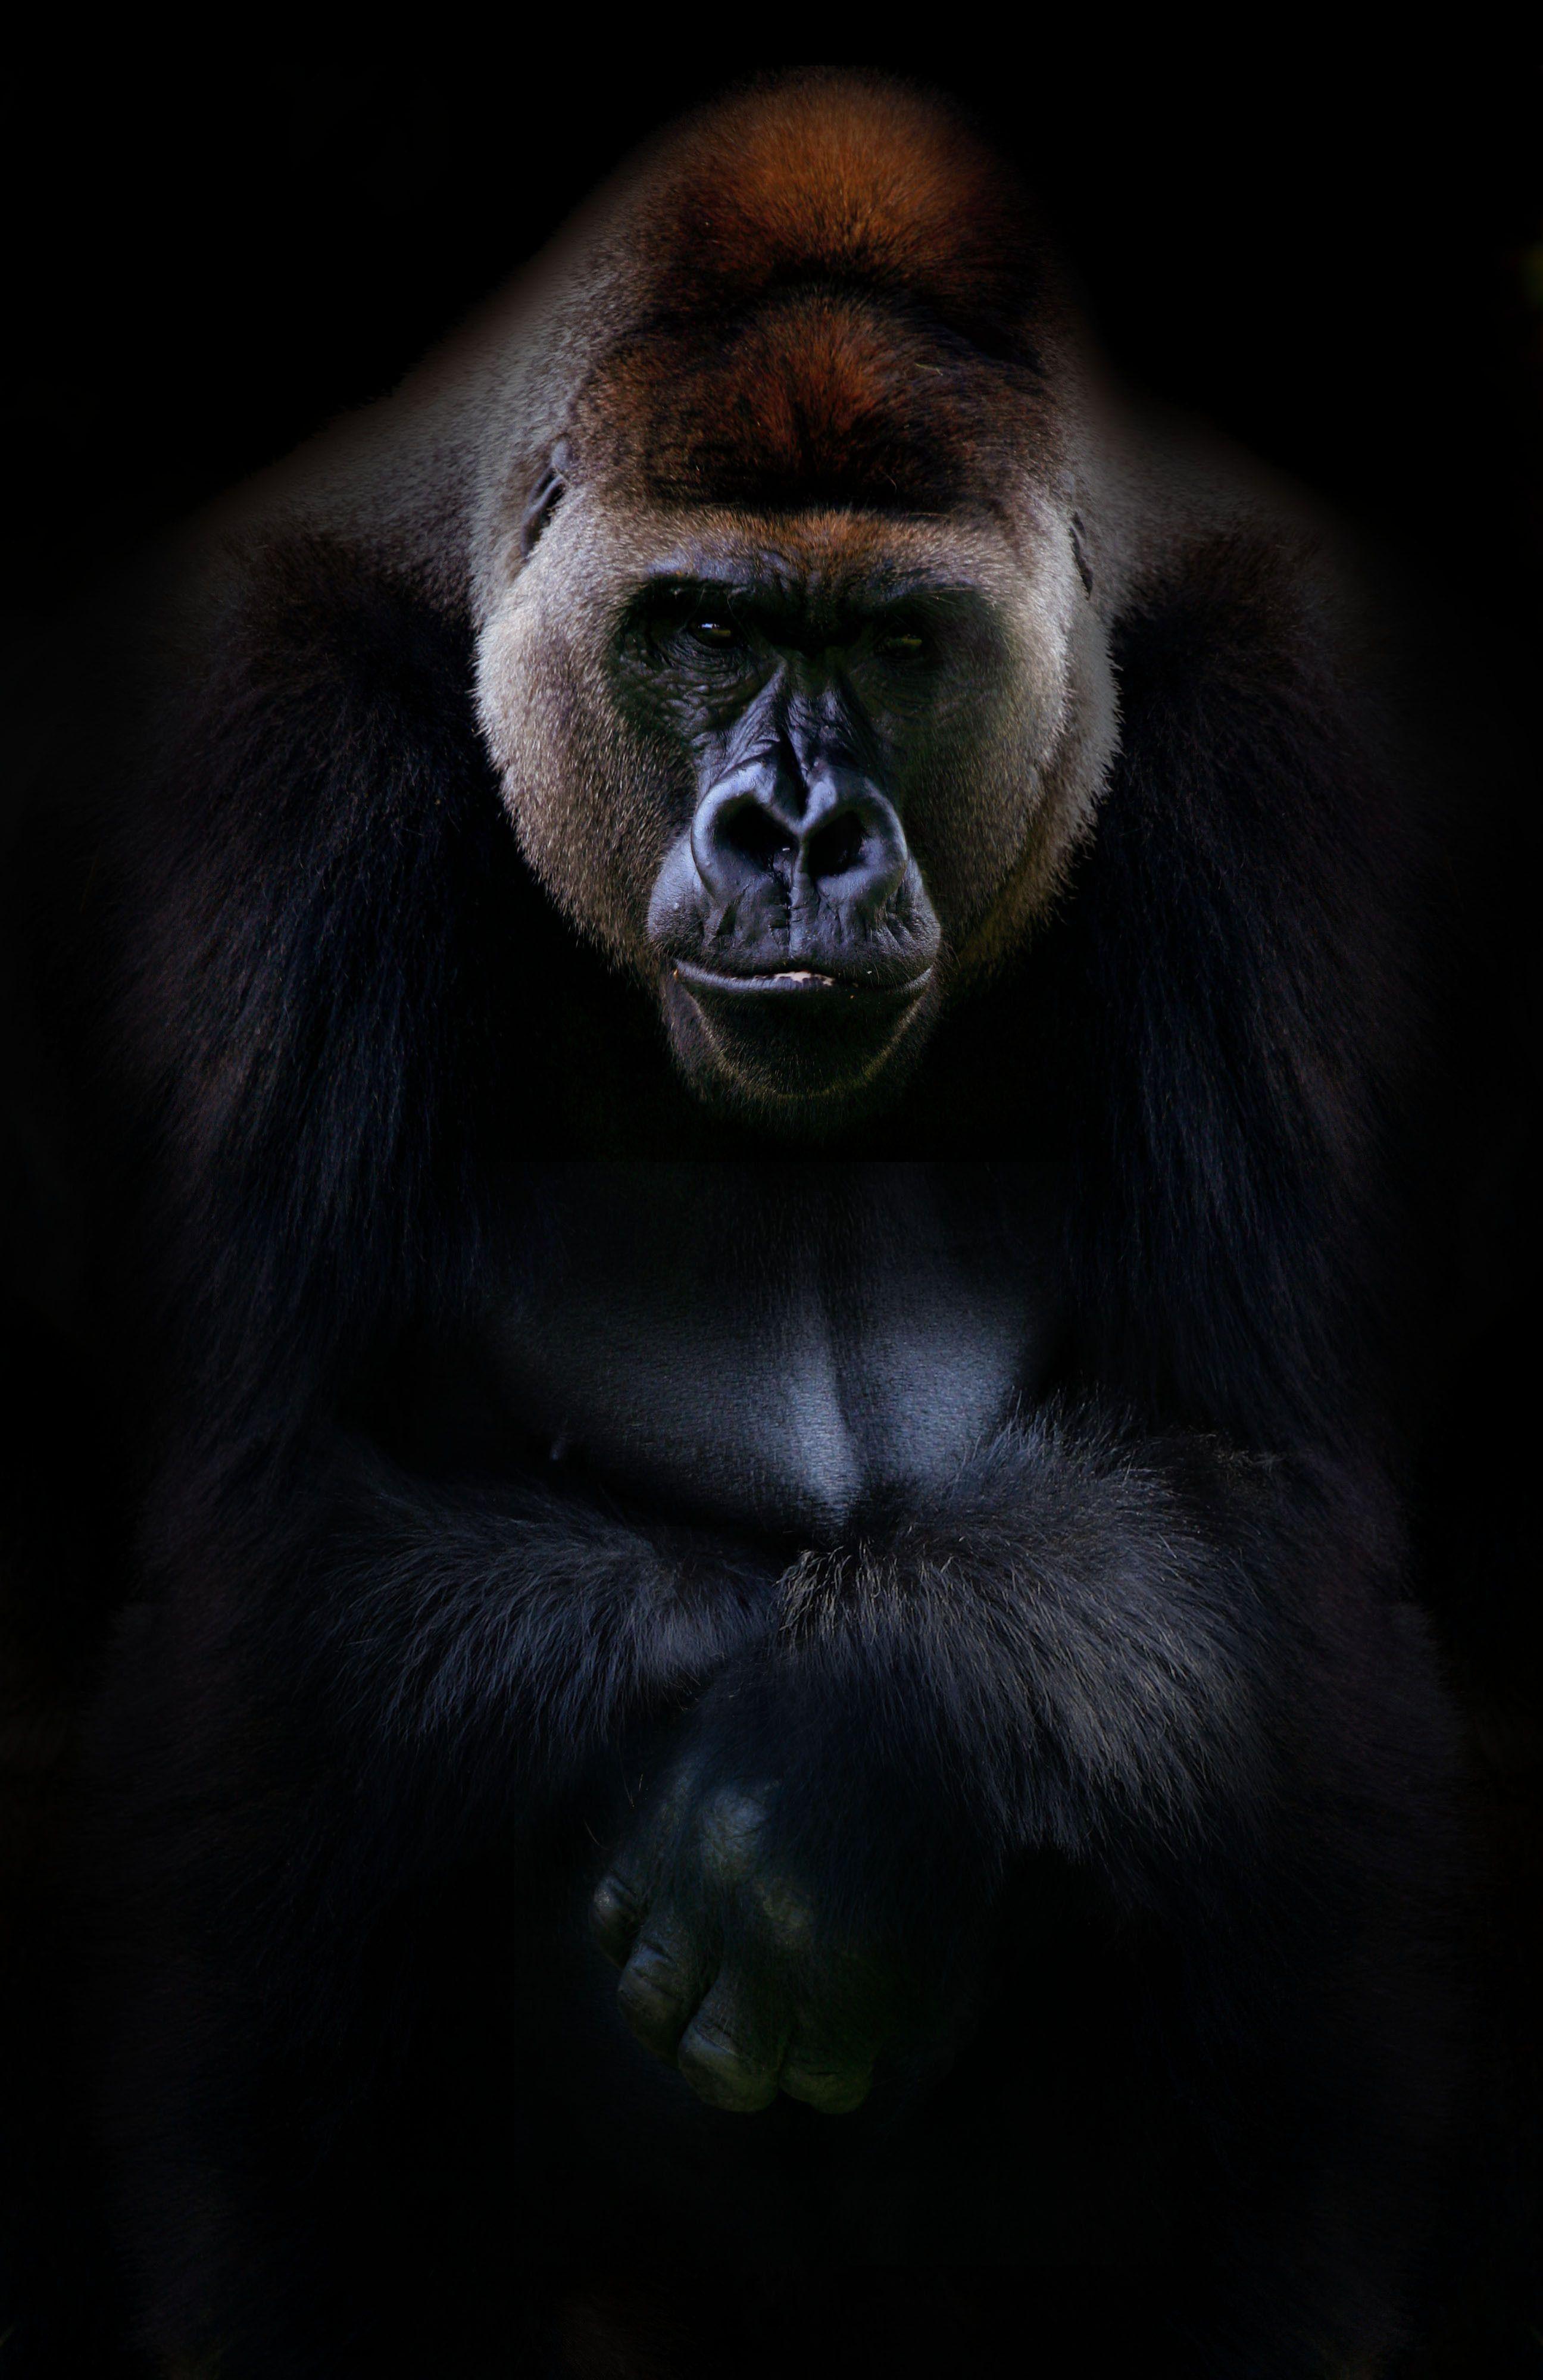 Cute Gorilla Wallpapers Silverback Gorilla Gorilla Wallpaper Silverback Gorilla